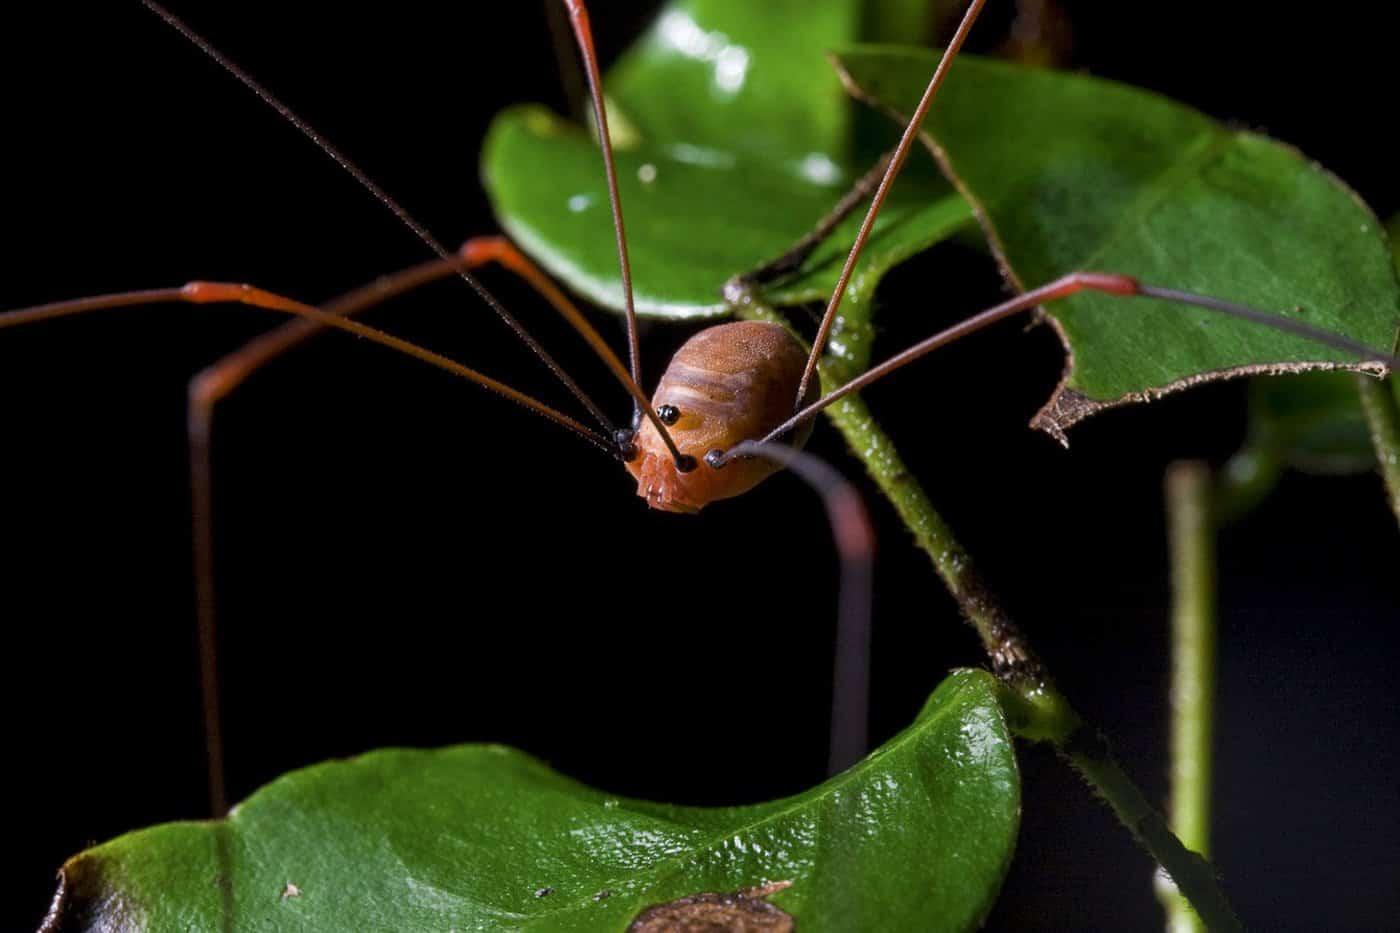 Arañas patonas, Opiliones.